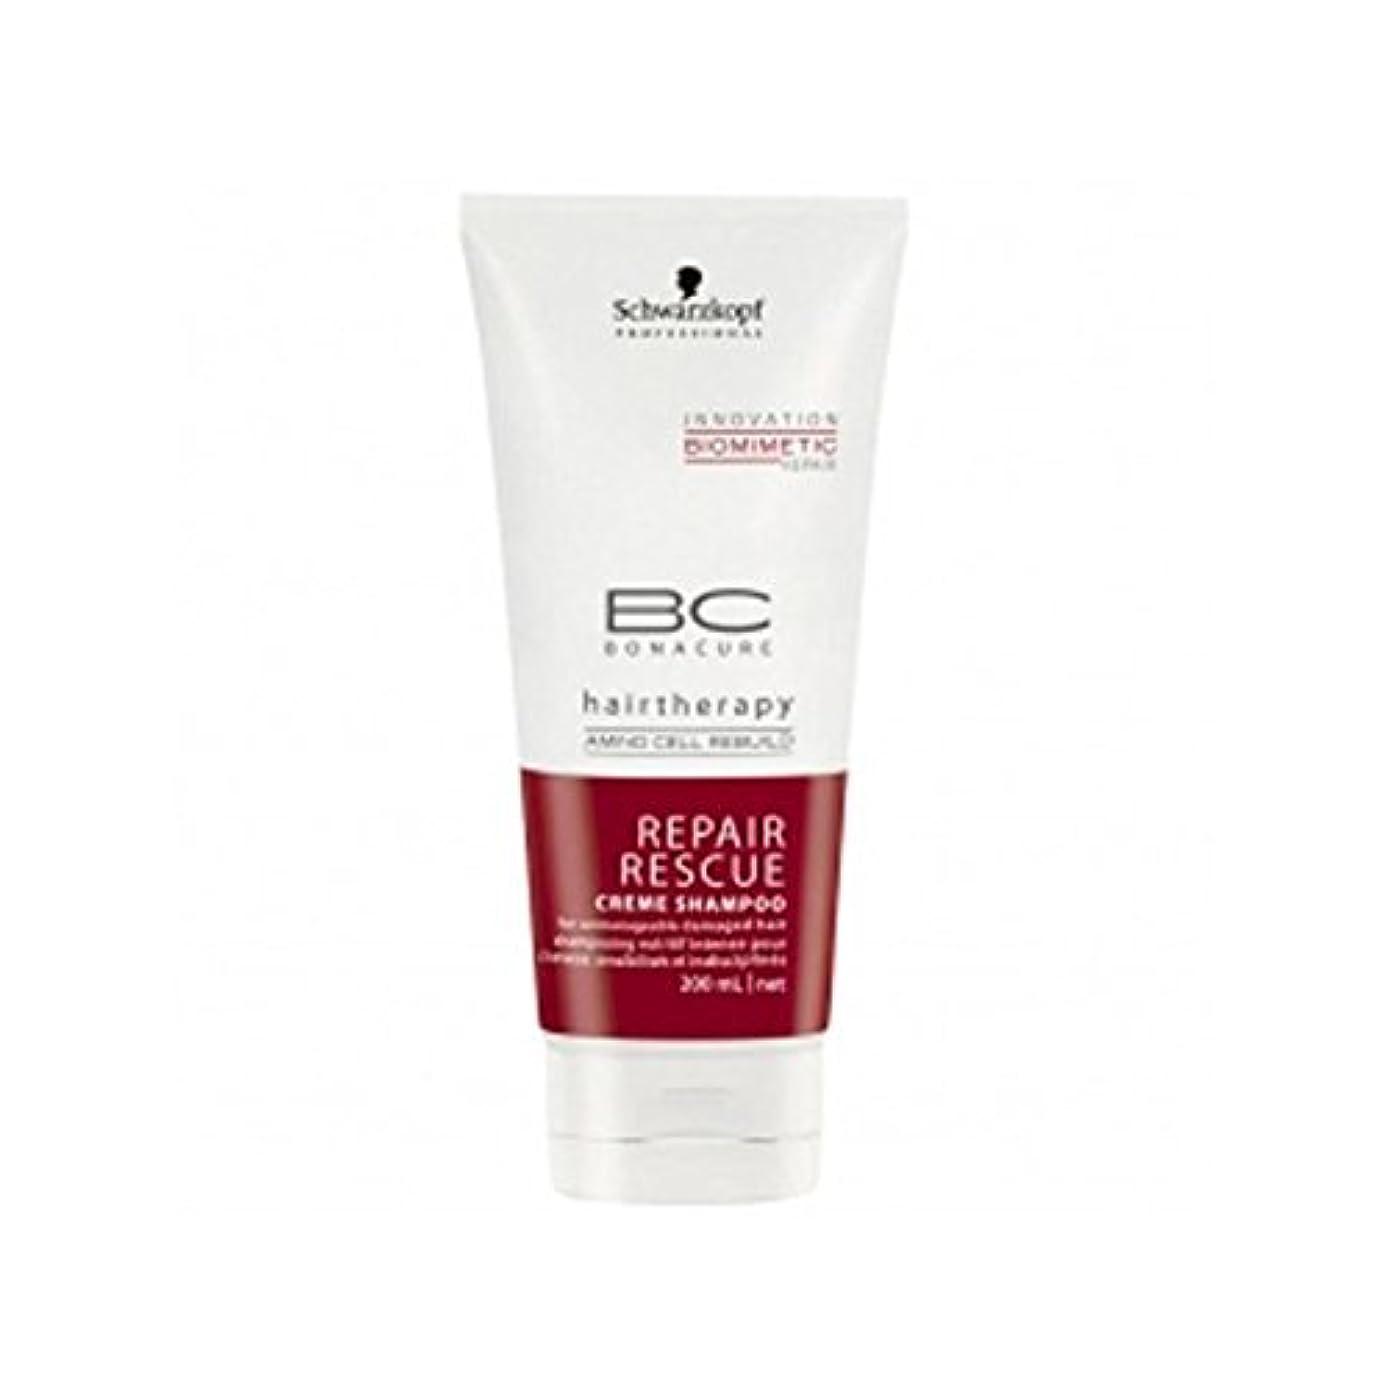 欲しいです赤外線重々しいSchwarzkopf Bc Bonacure Biomimetic Repair Rescue Shampoo (250ml) (Pack of 6) - バイオミメティック修理レスキューシャンプーシュワルツコフ(250ミリリットル) x6 [並行輸入品]